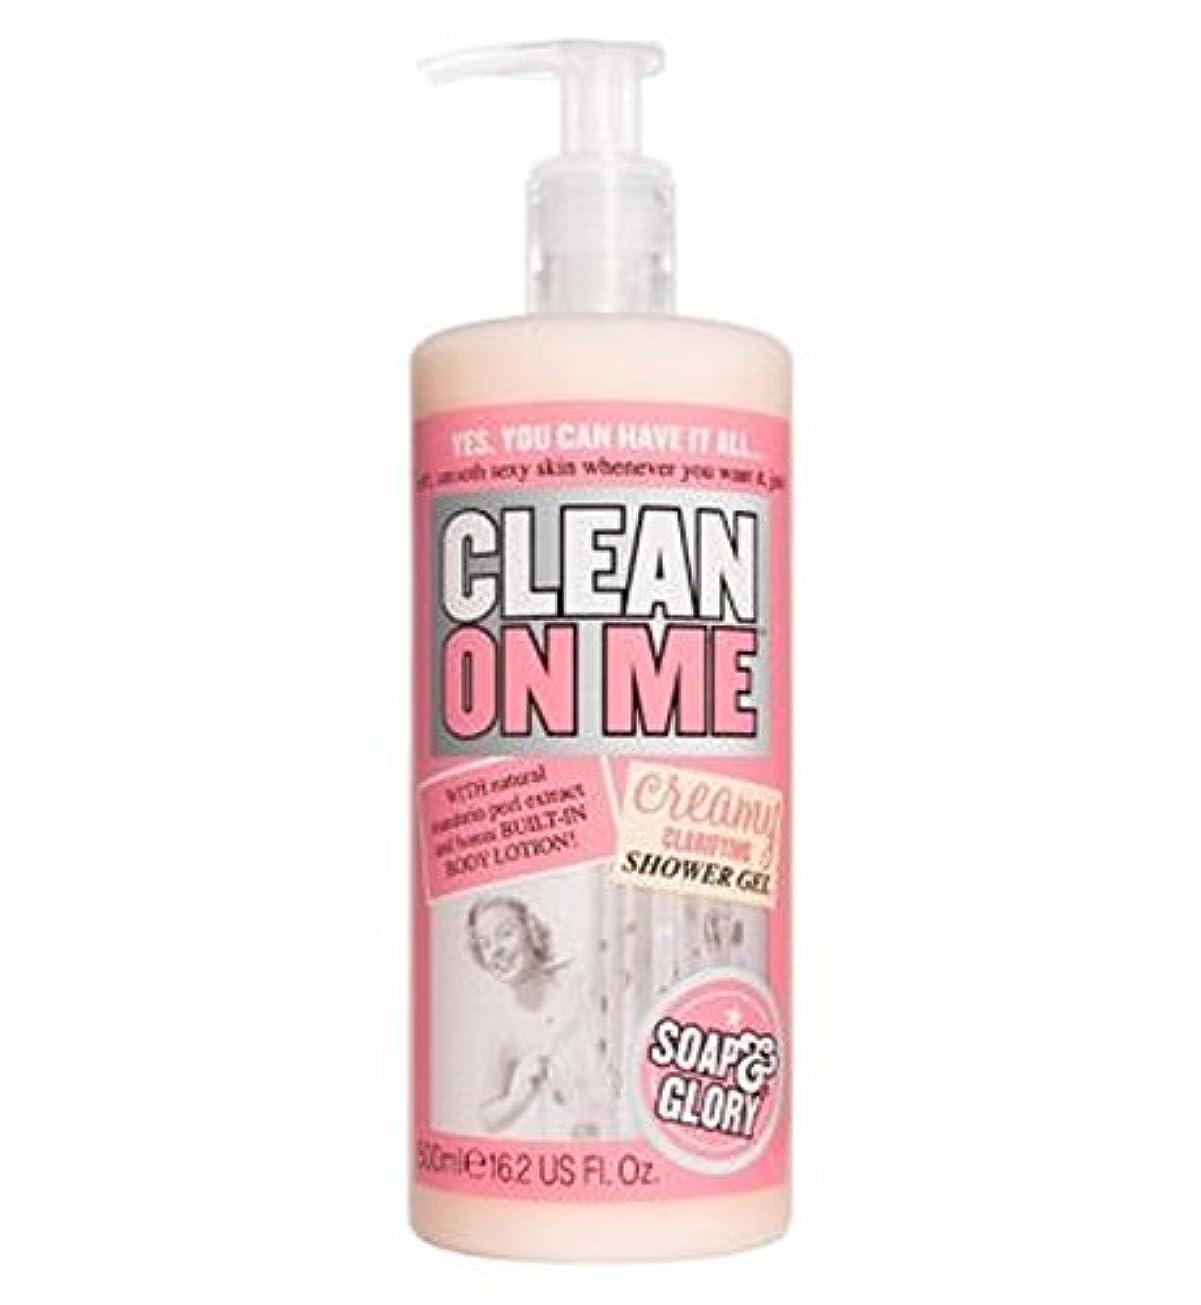 ありふれた口径火薬私にきれいな石鹸&栄光はシャワージェル500ミリリットルを明確にクリーミー (Soap & Glory) (x2) - Soap & Glory Clean On Me Creamy Clarifying Shower...